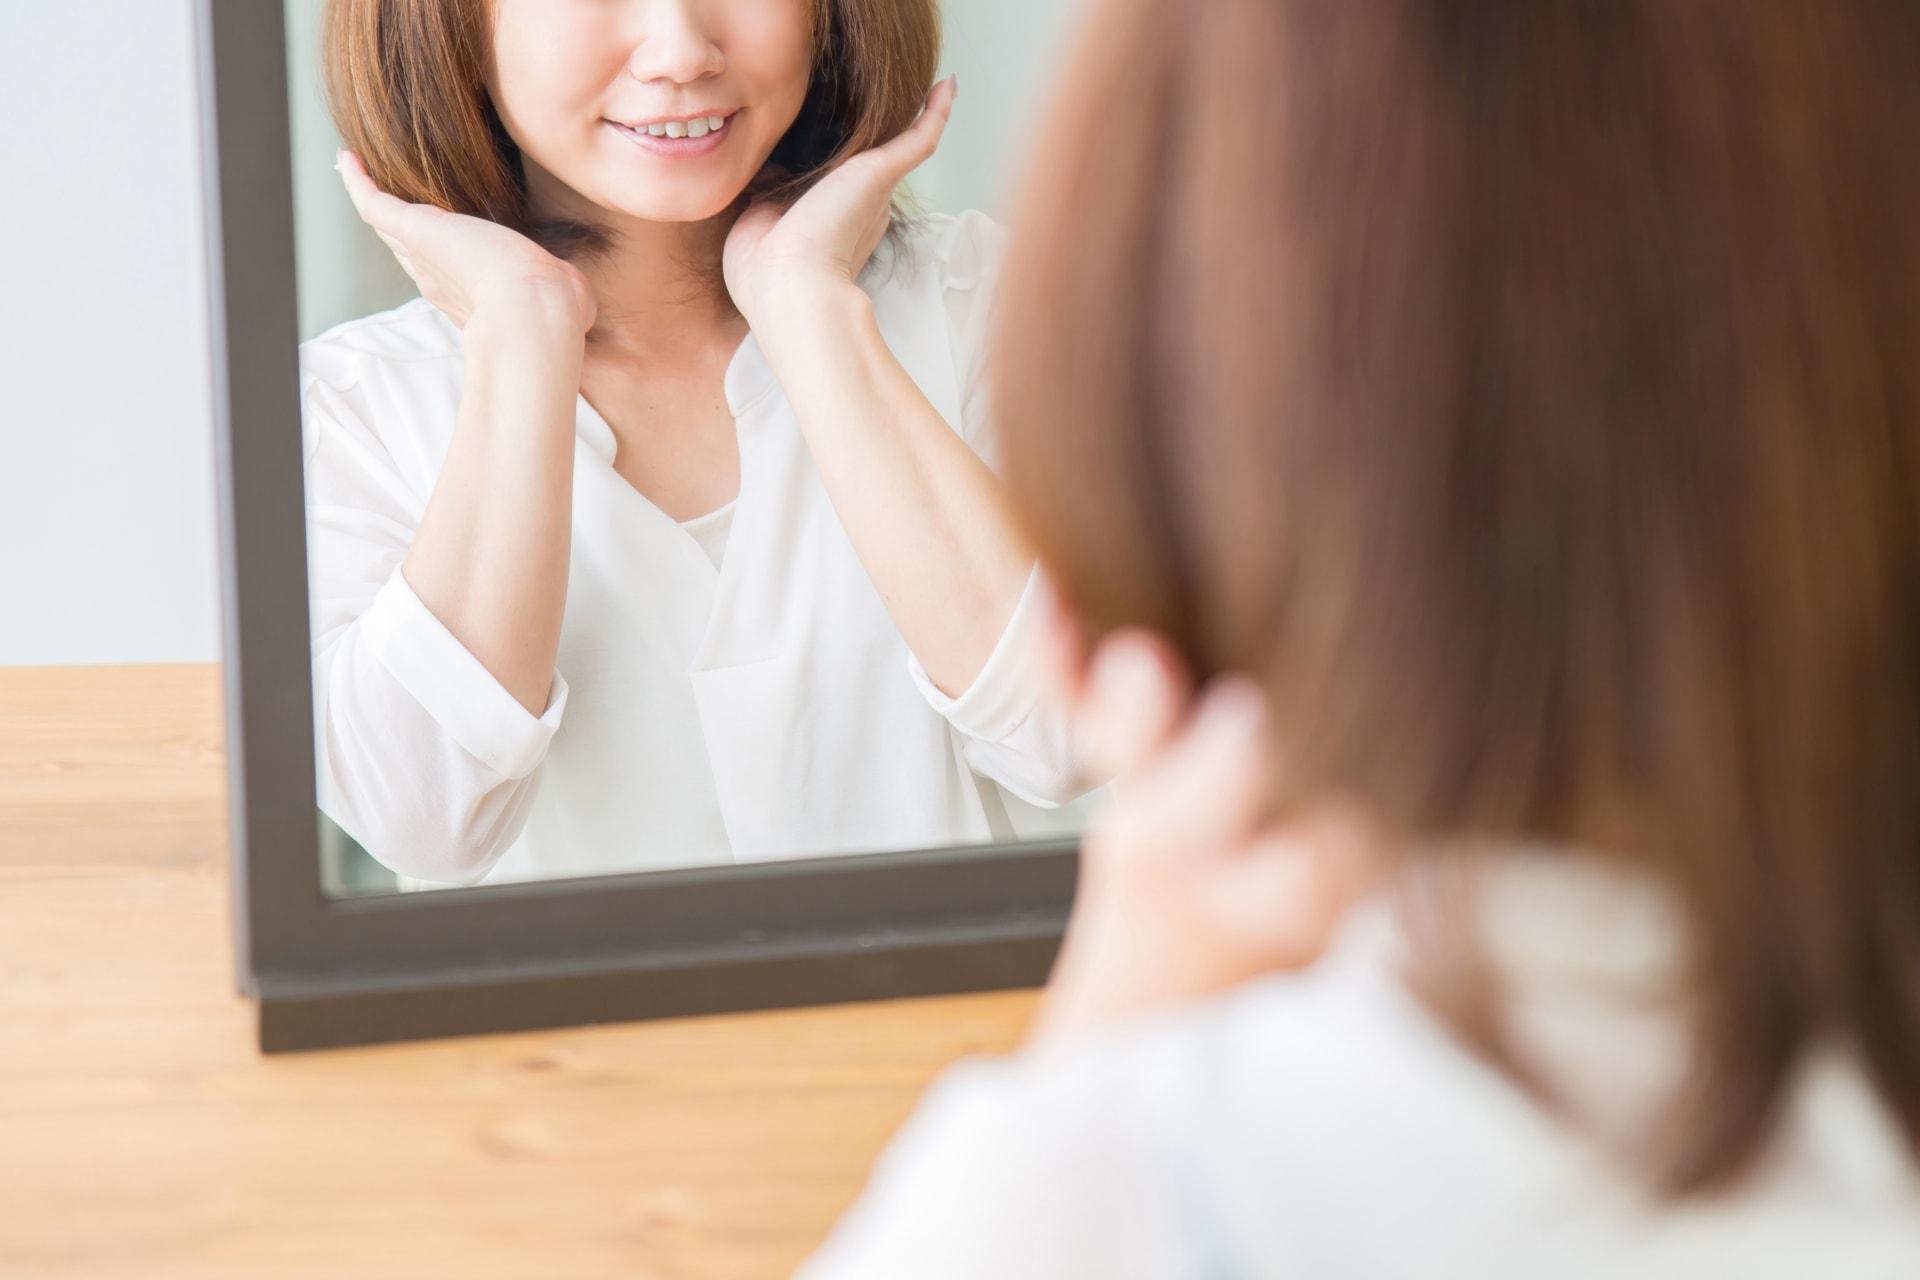 【女性の薄毛】女性の薄毛の代表的な原因とは